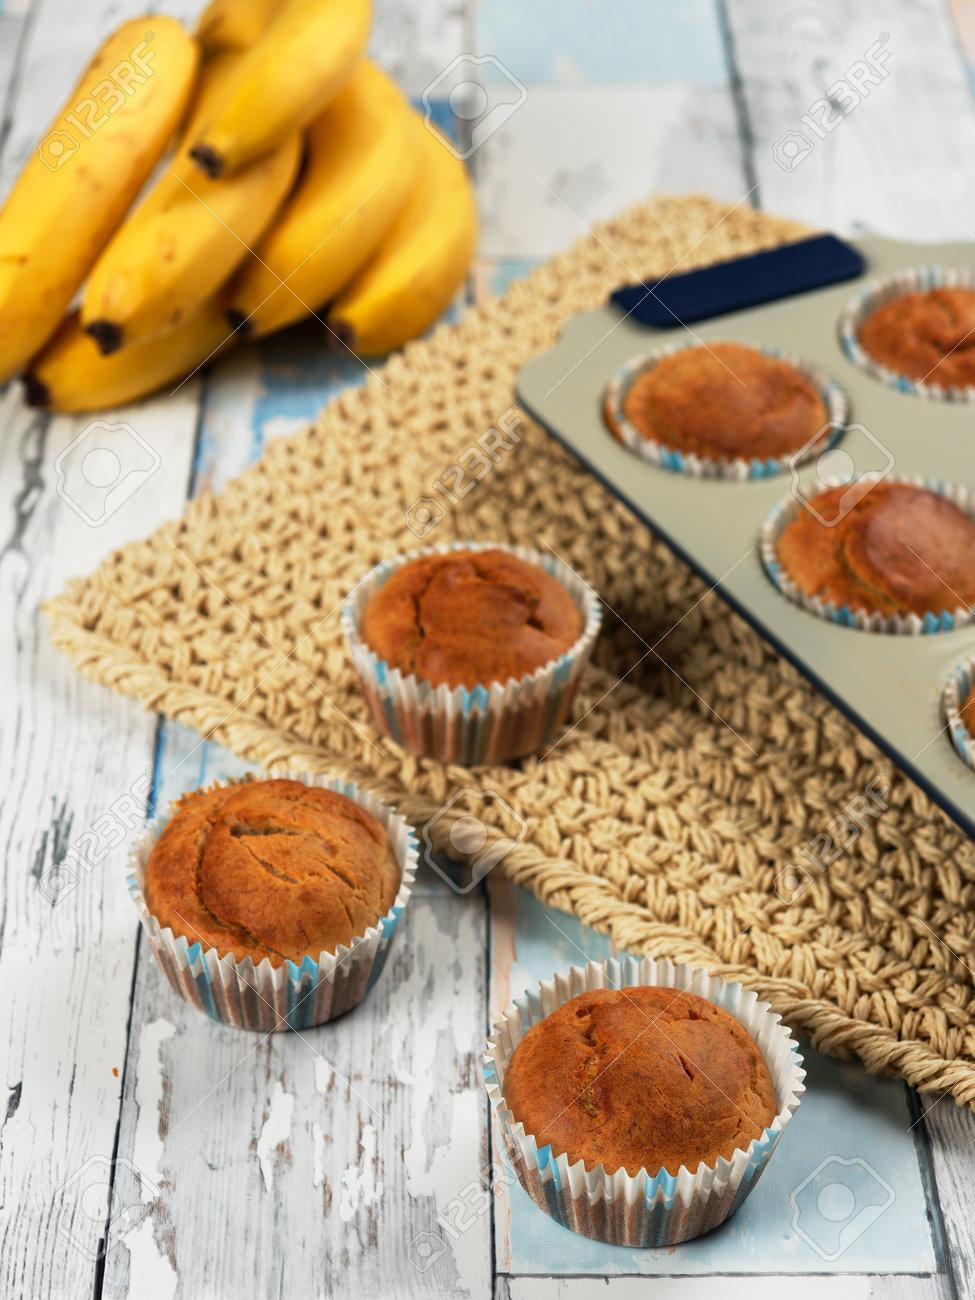 Homemade banana muffins. No sugar added. Healthy toddler food - 169668301